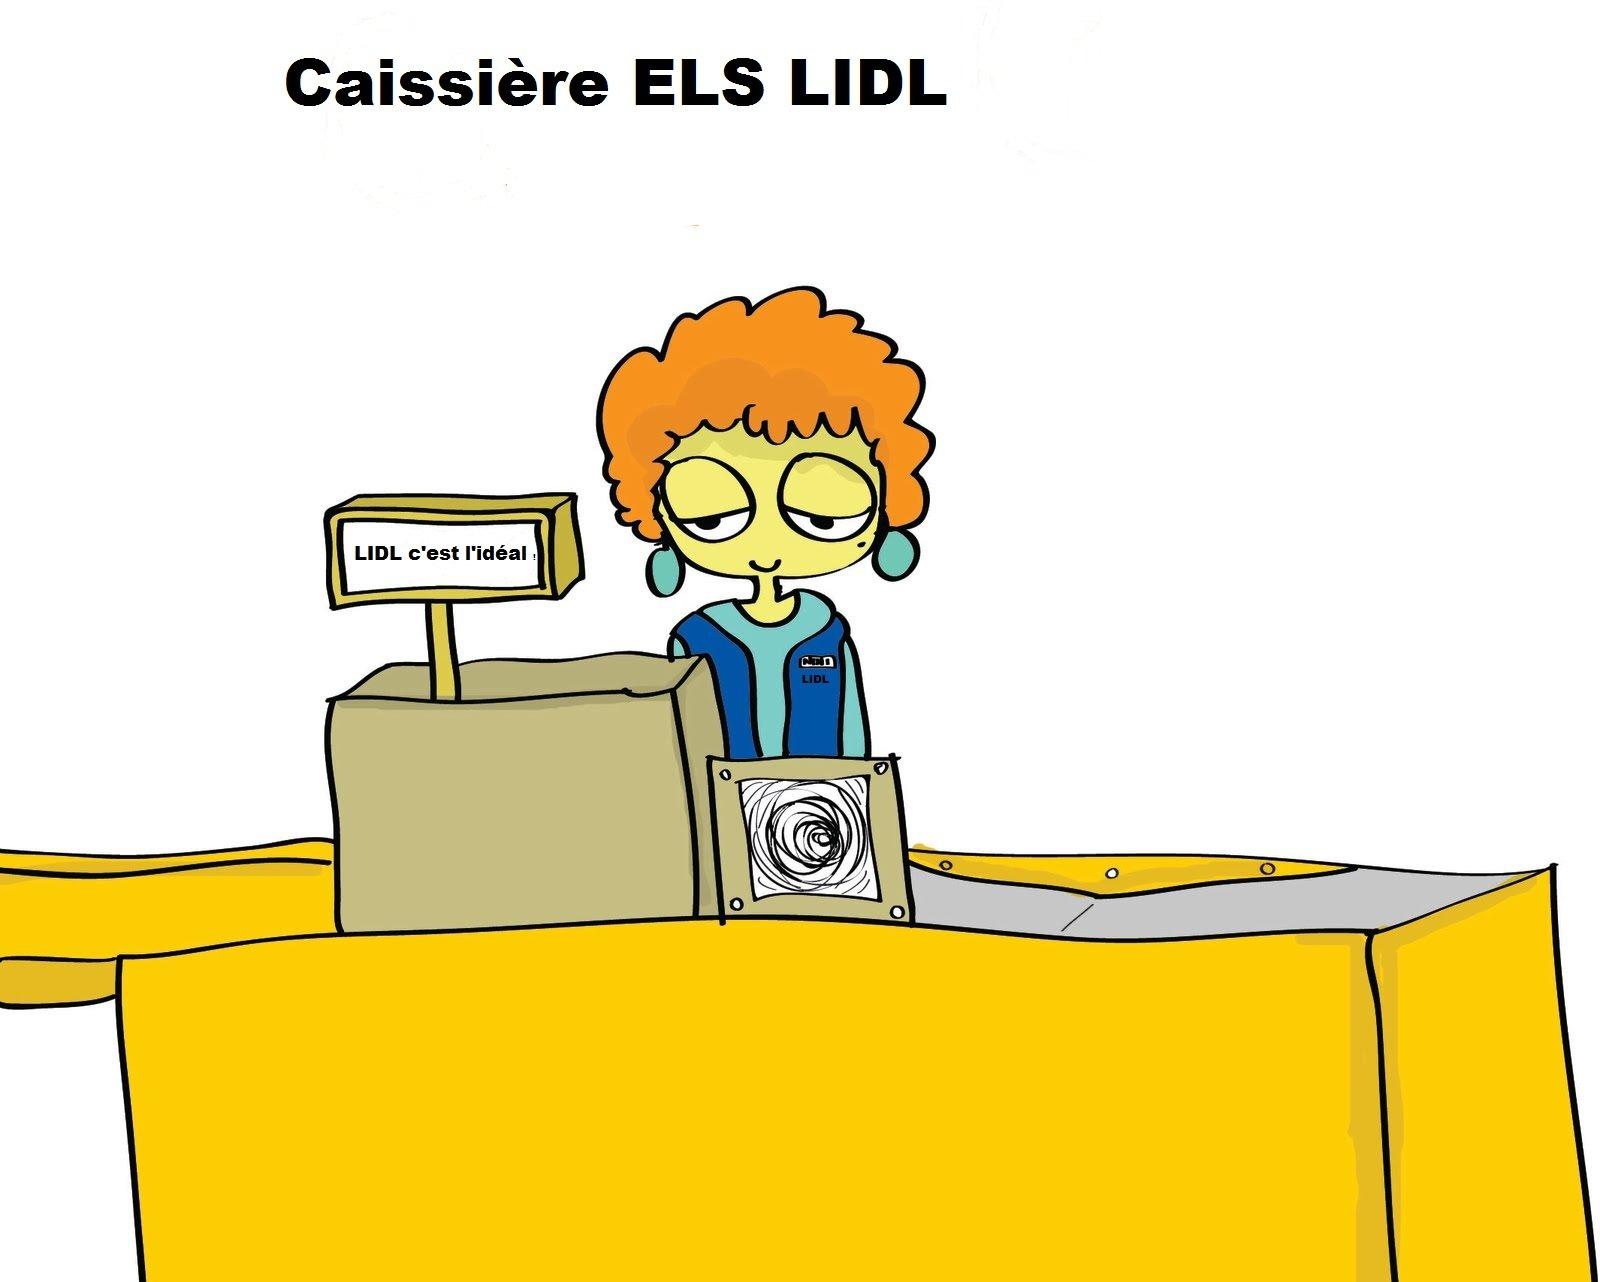 Caissière ELS chez LIDL l'hypercaissière de la distribution caissi1